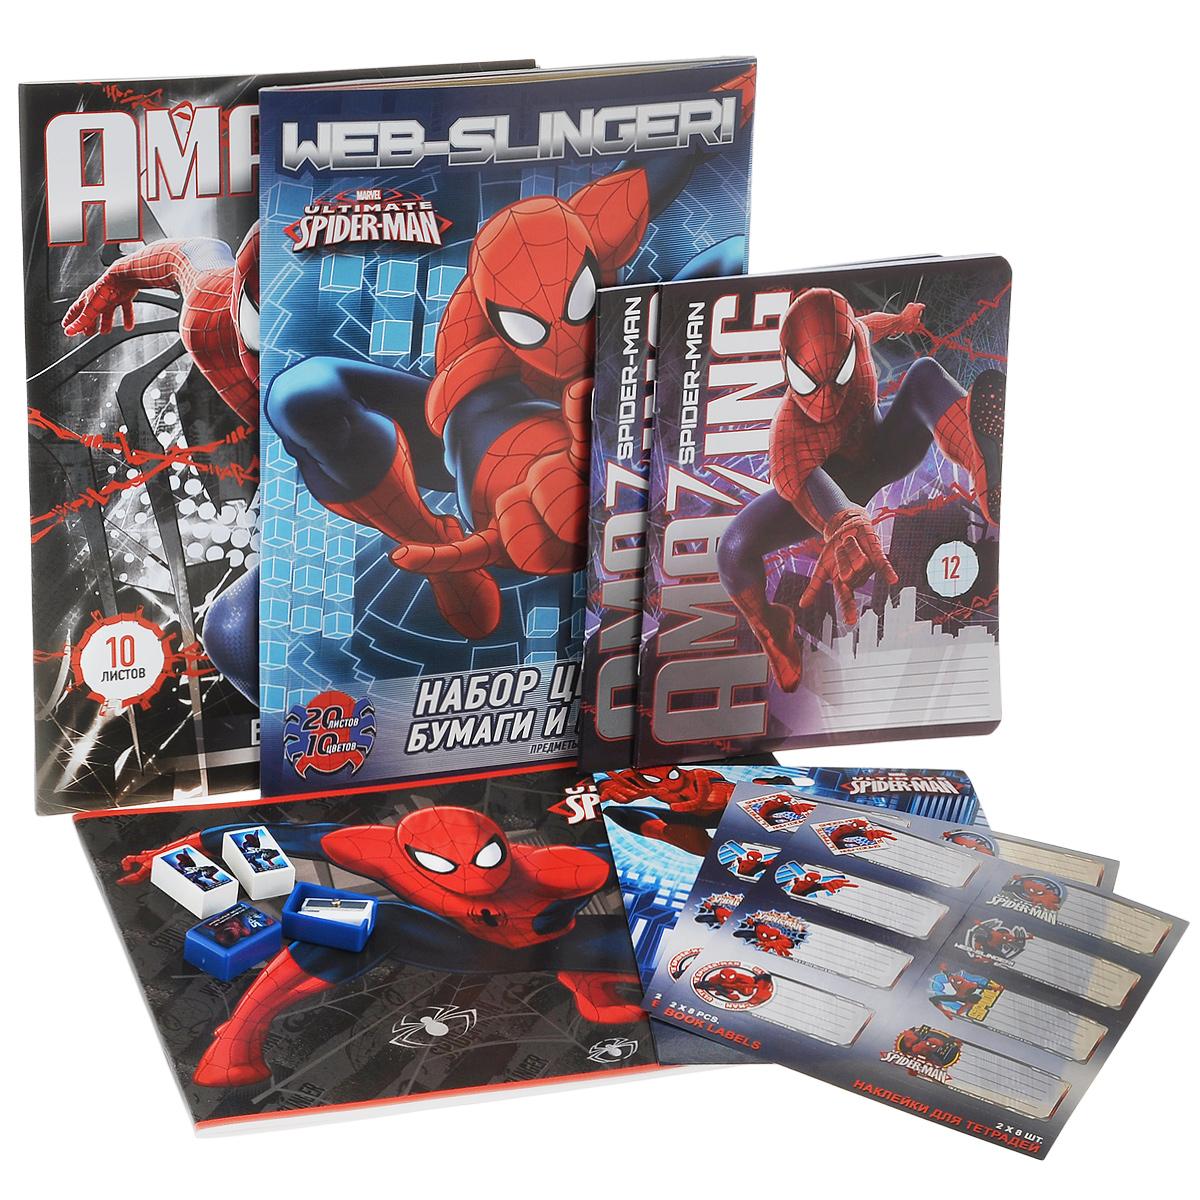 Набор школьных принадлежностей Spider-man, 53 предметаSMOZ-UT1-PVC5Набор школьных принадлежностей Spider-man позволит юным поклонникам мультсериала всегда быть подготовленными к урокам! Яркий набор школьных принадлежностей, на которых изображен Человек-паук, обязательно понравится вашему мальчику. Набор включает в себя: наклейки для тетрадей 16 штук, 2 точилки, 2 ластика, альбом для рисования 20 листов, набор цветной бумаги и цветного картона формата А4, 20 листов (10 цветов), белый картон формата А4, 10 листов, 2 школьных тетради 12 листов (в клетку, в линейку). Все предметы набора упакованы в прозрачную сумку-чехол. Сумка закрывается на пластиковую застежку-молнию и имеет специальную ручку для переноски. Порадуйте своего ребенка стильным набором со всем необходимым к школе!